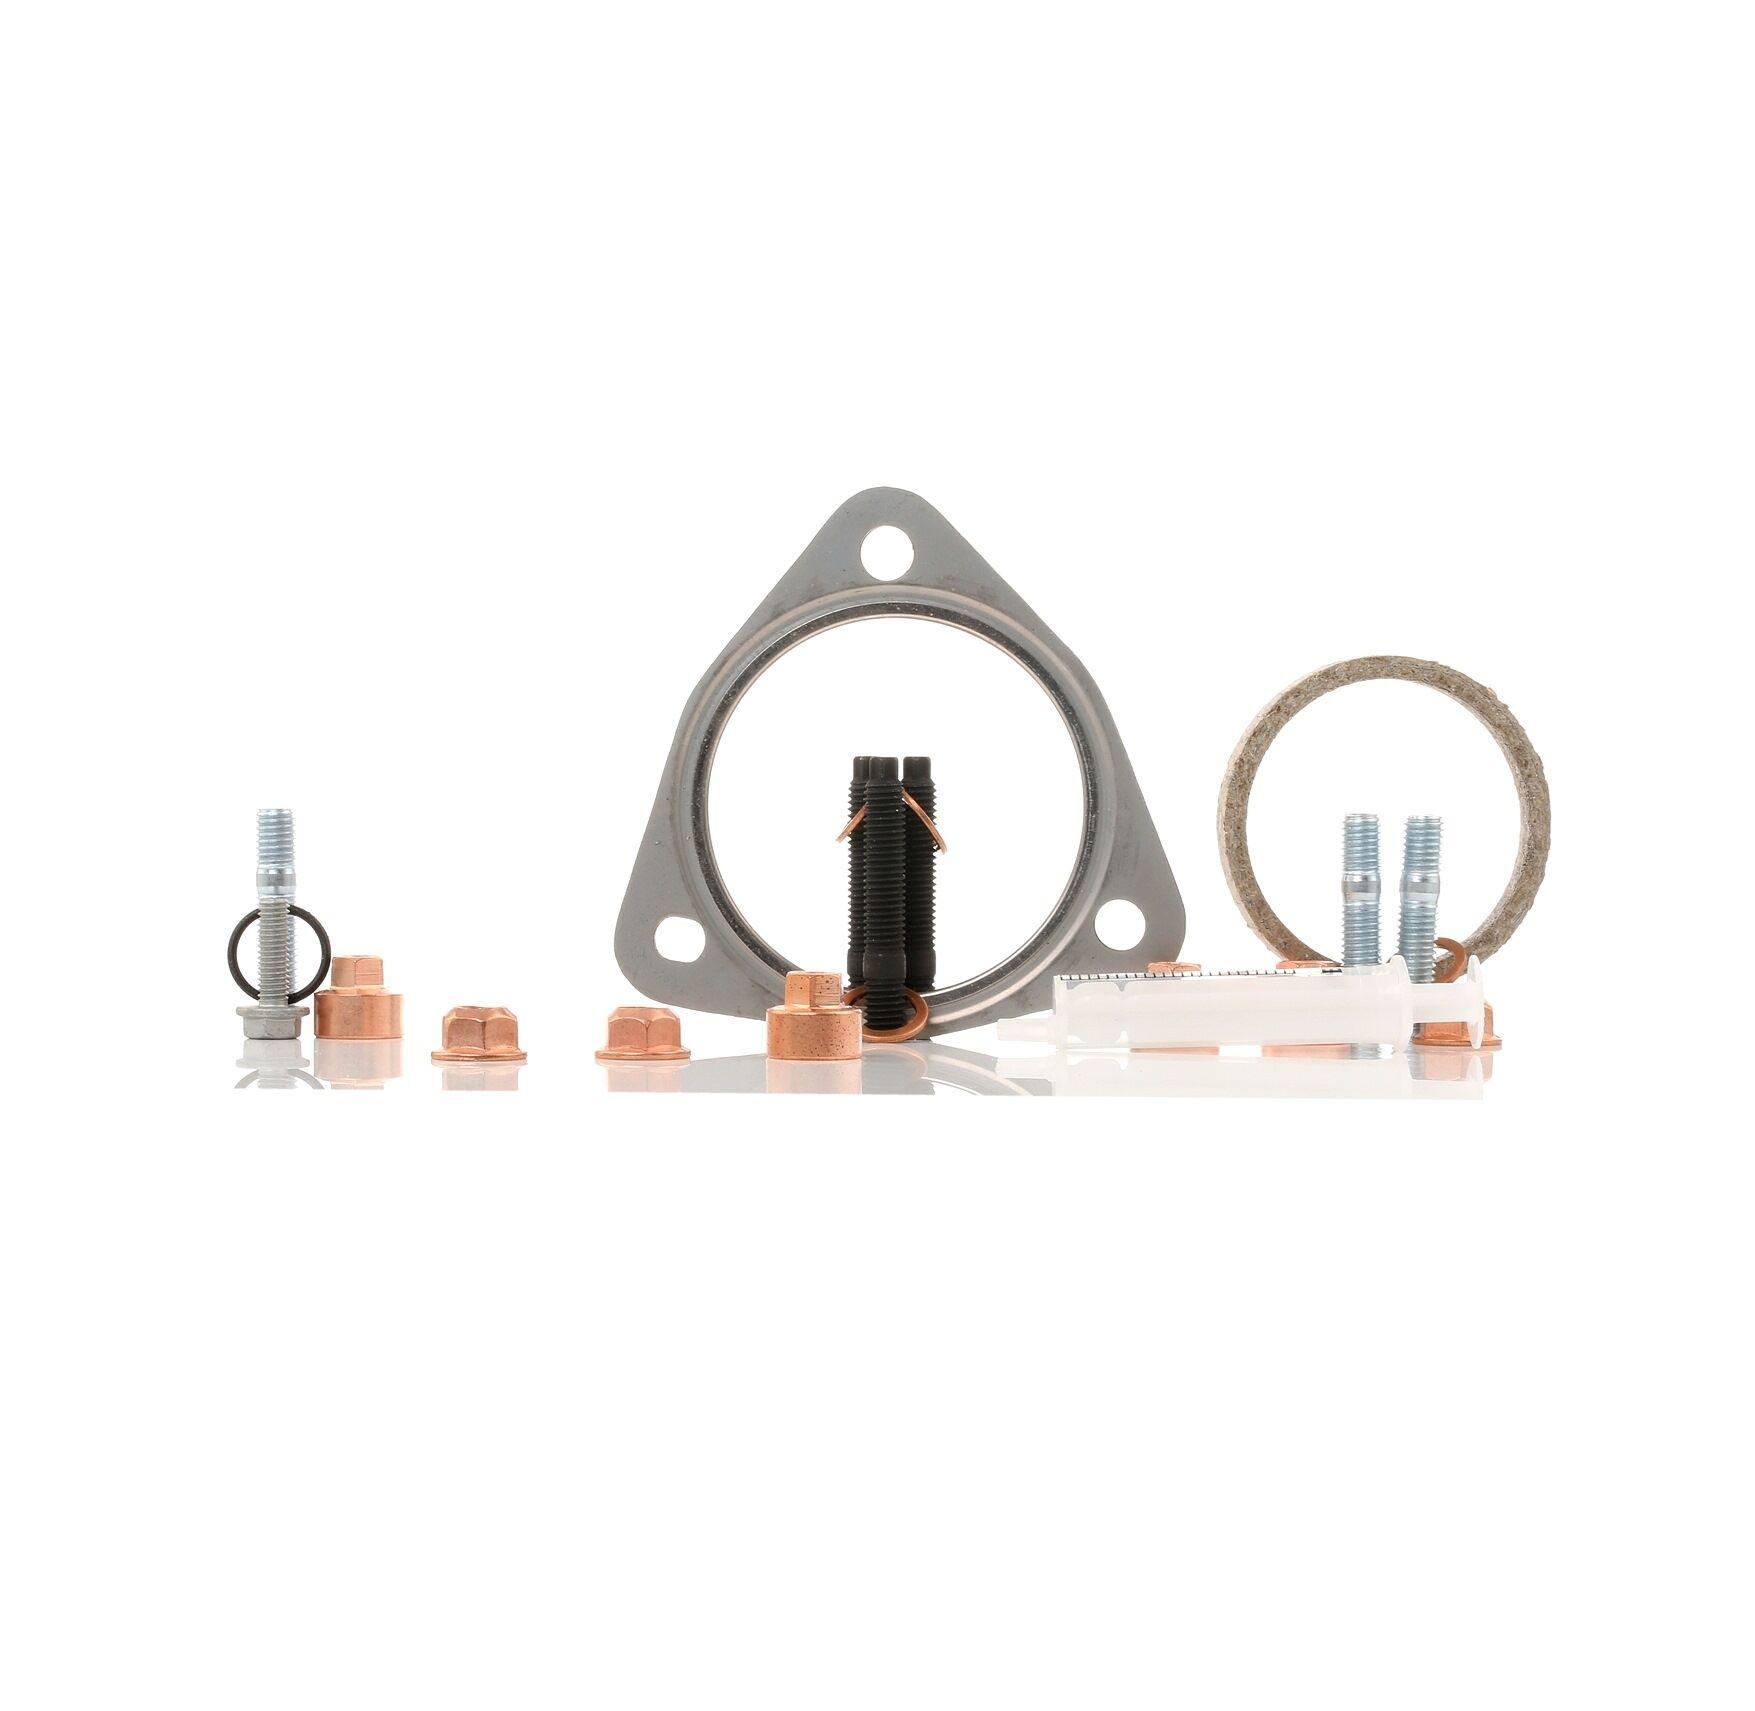 FA1 Kit de montage, compresseur MINI,CITROËN,PEUGEOT KT100100